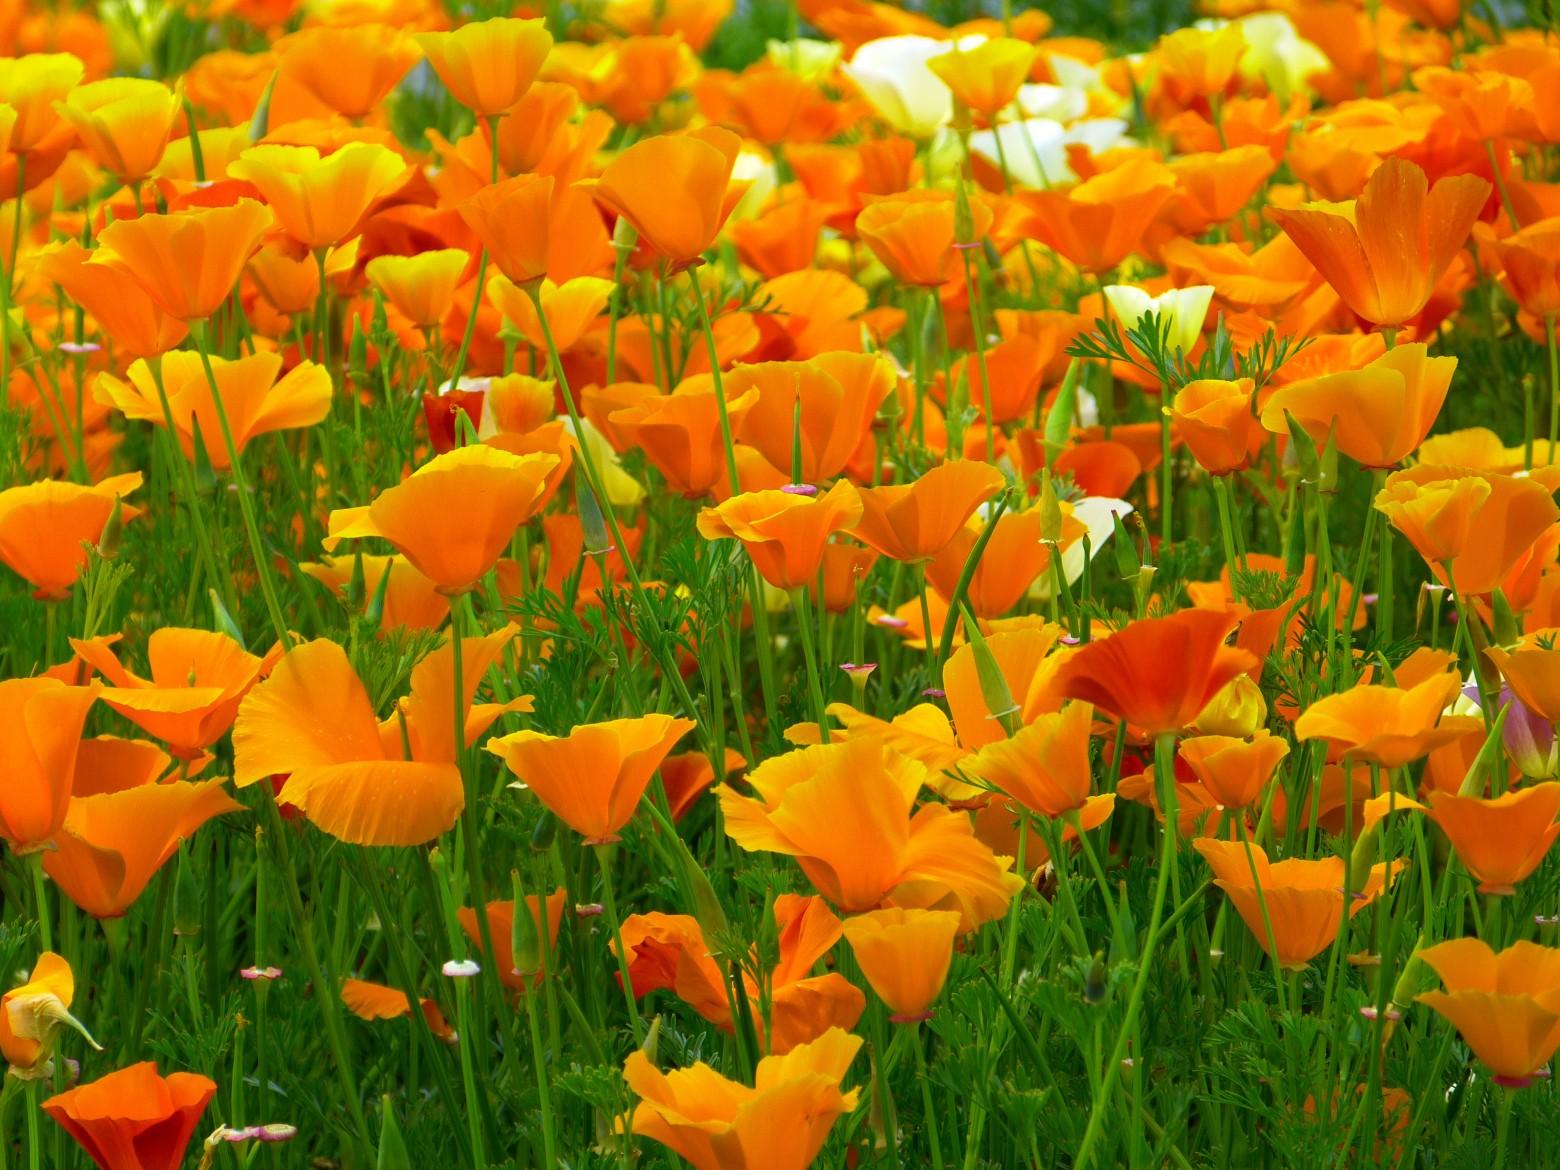 fleurs pavot orange nature flore images photos gratuites libres de droits images gratuites et. Black Bedroom Furniture Sets. Home Design Ideas